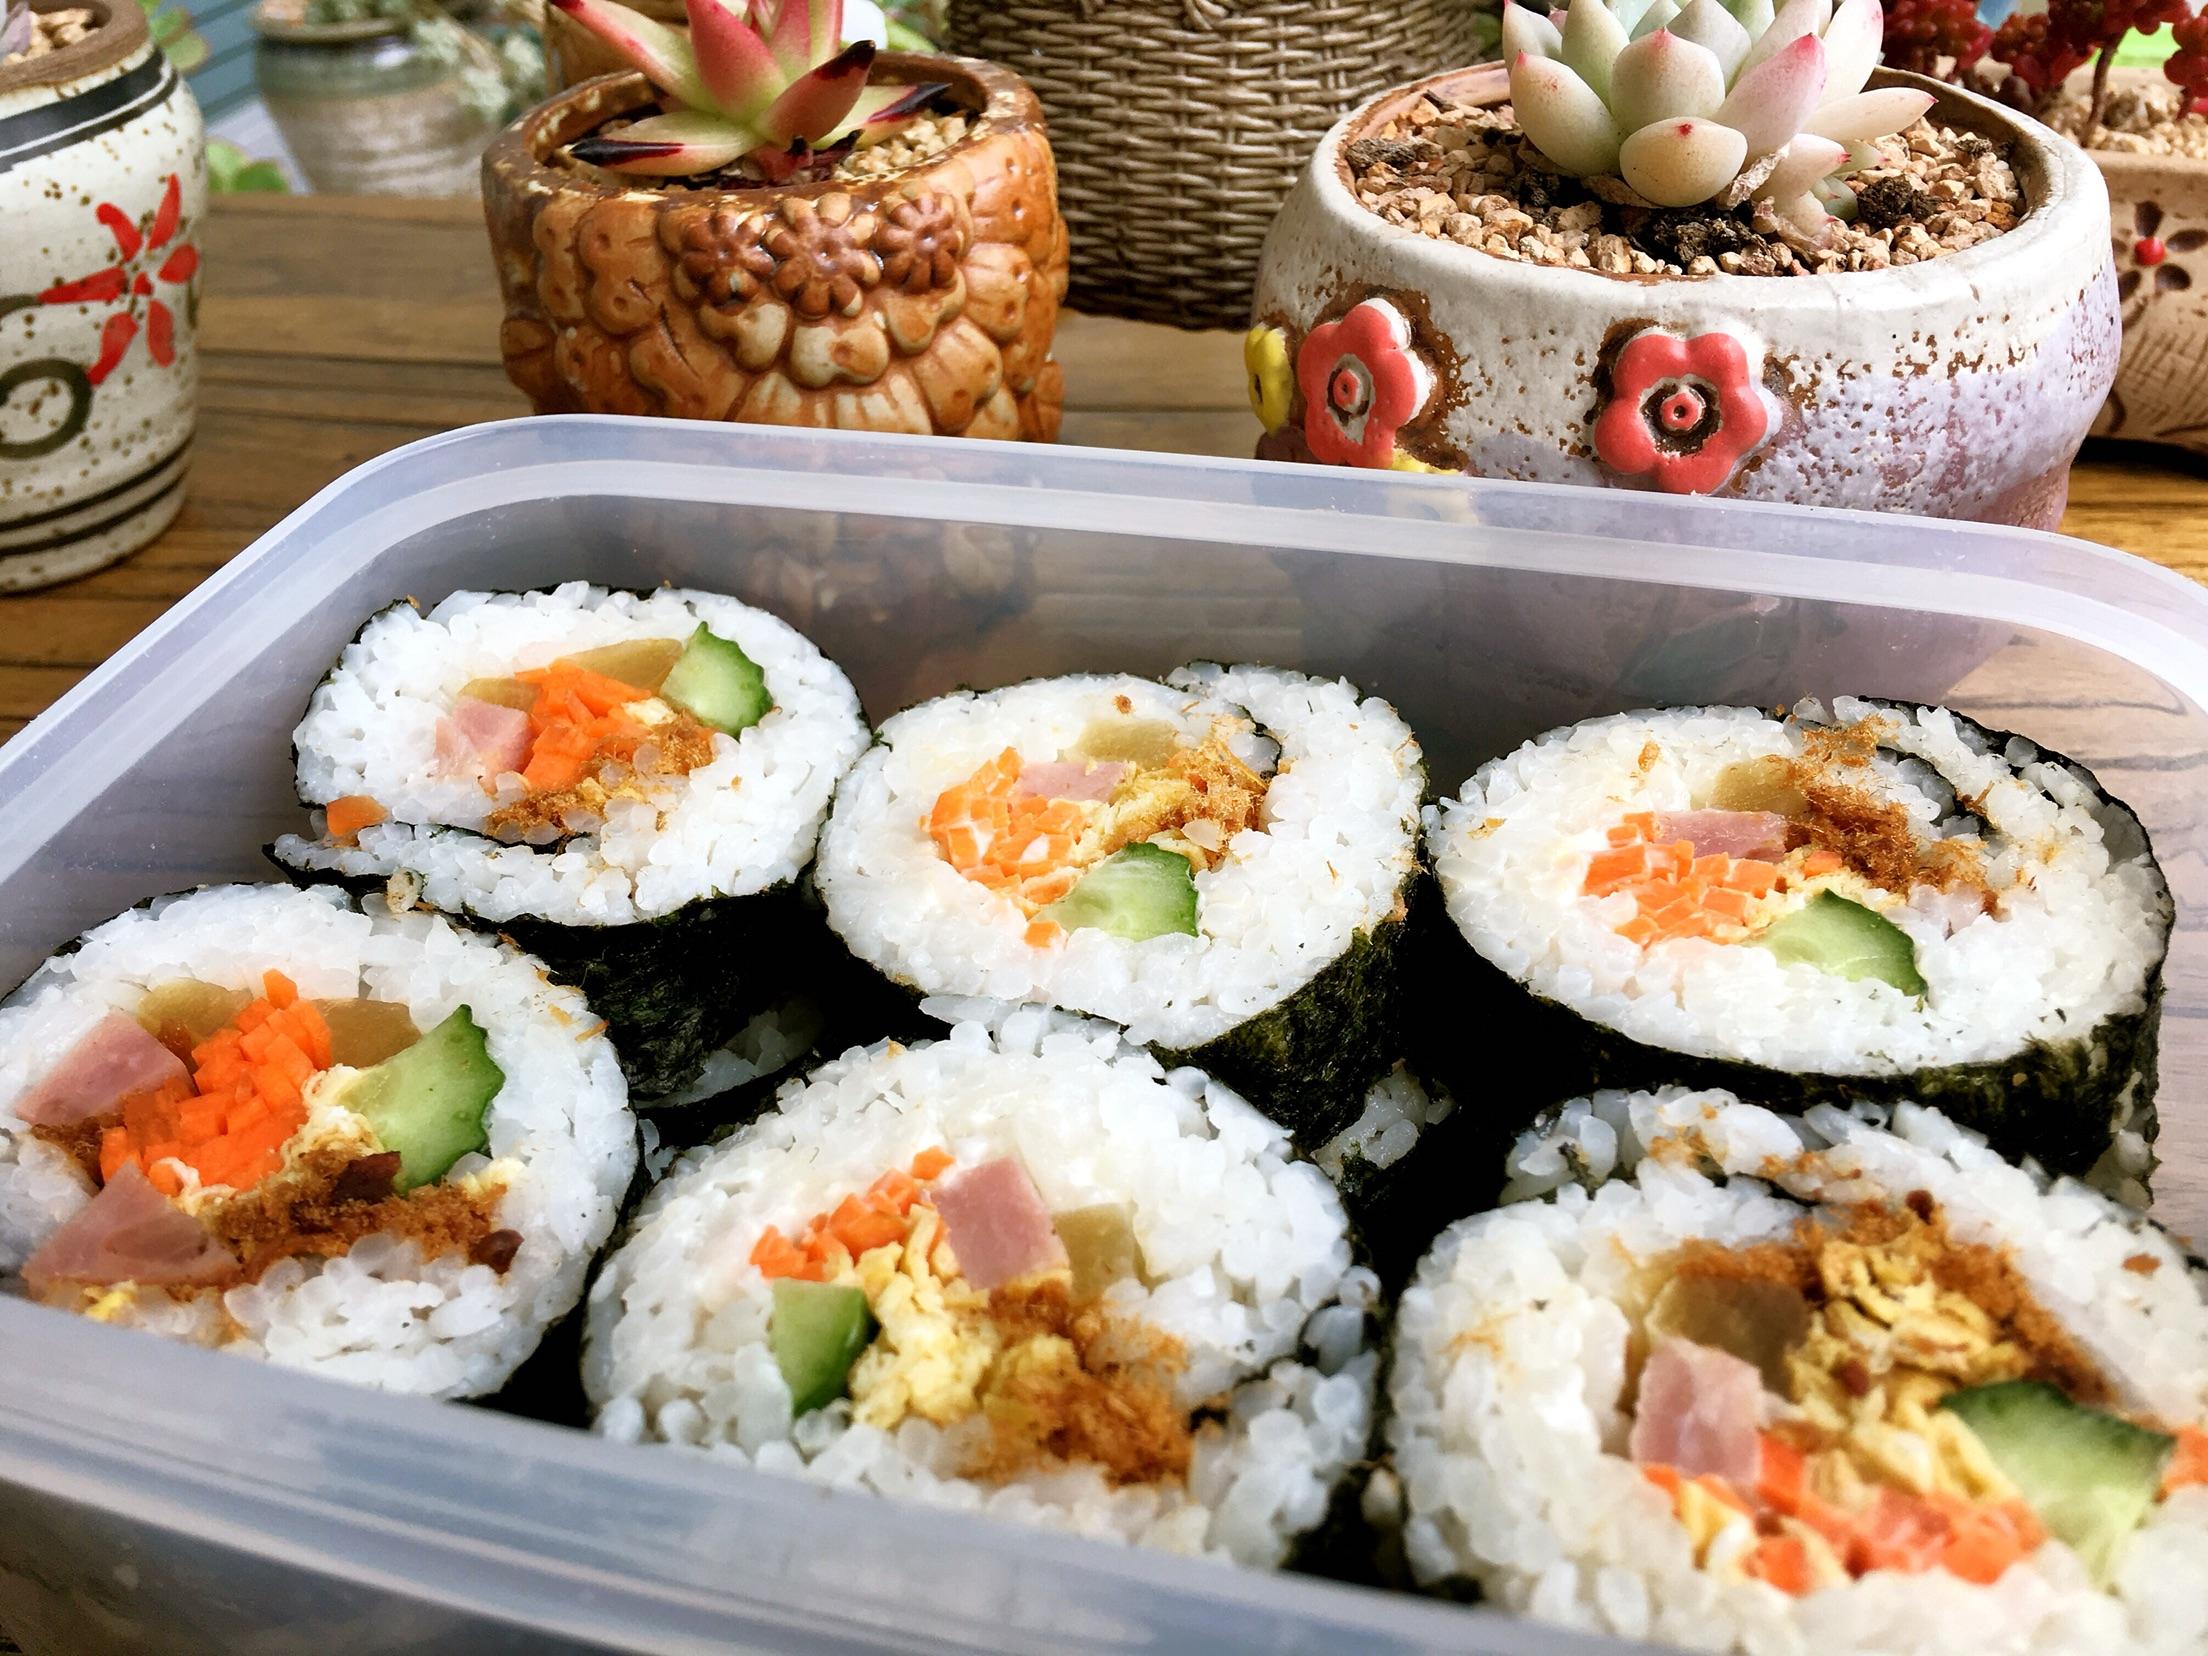 美味寿司的做法_【图解】美味寿司怎么做如何做好吃